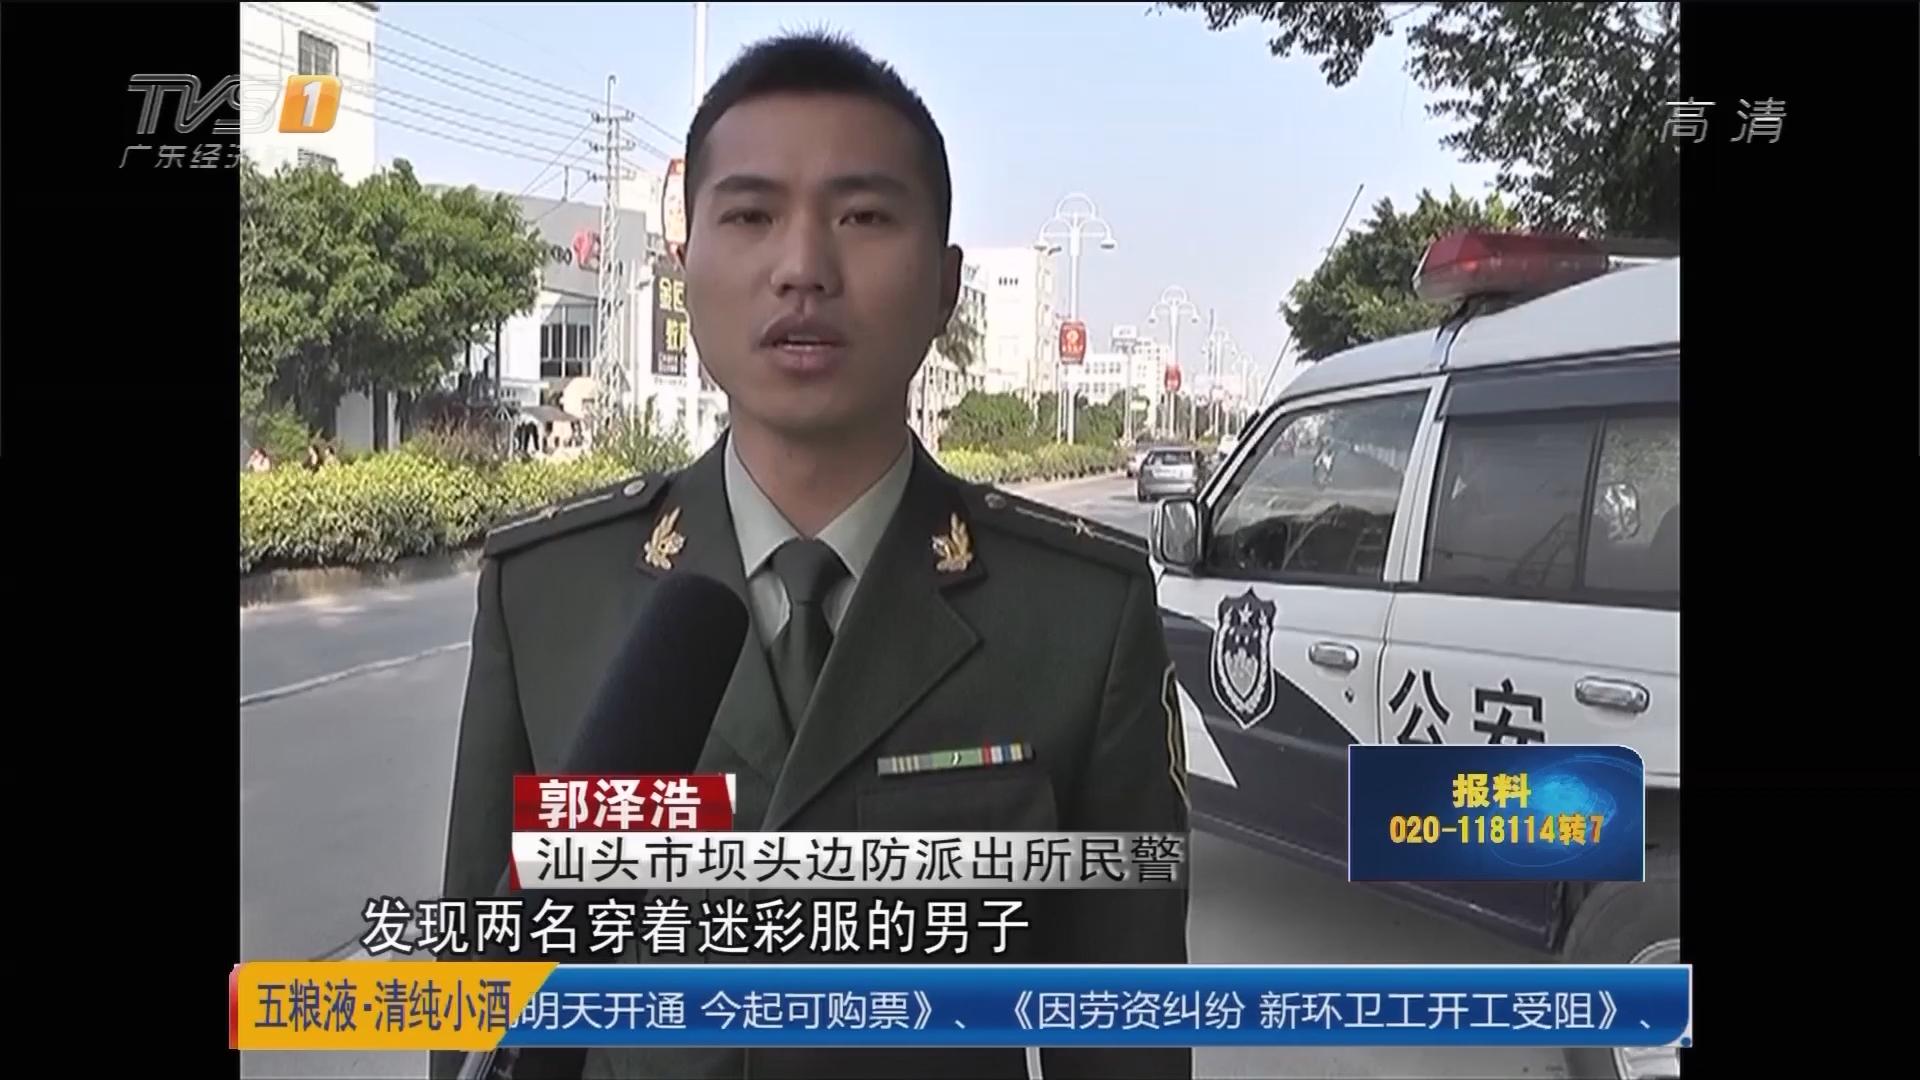 汕头:假冒军人卖鞋行骗 被刑拘